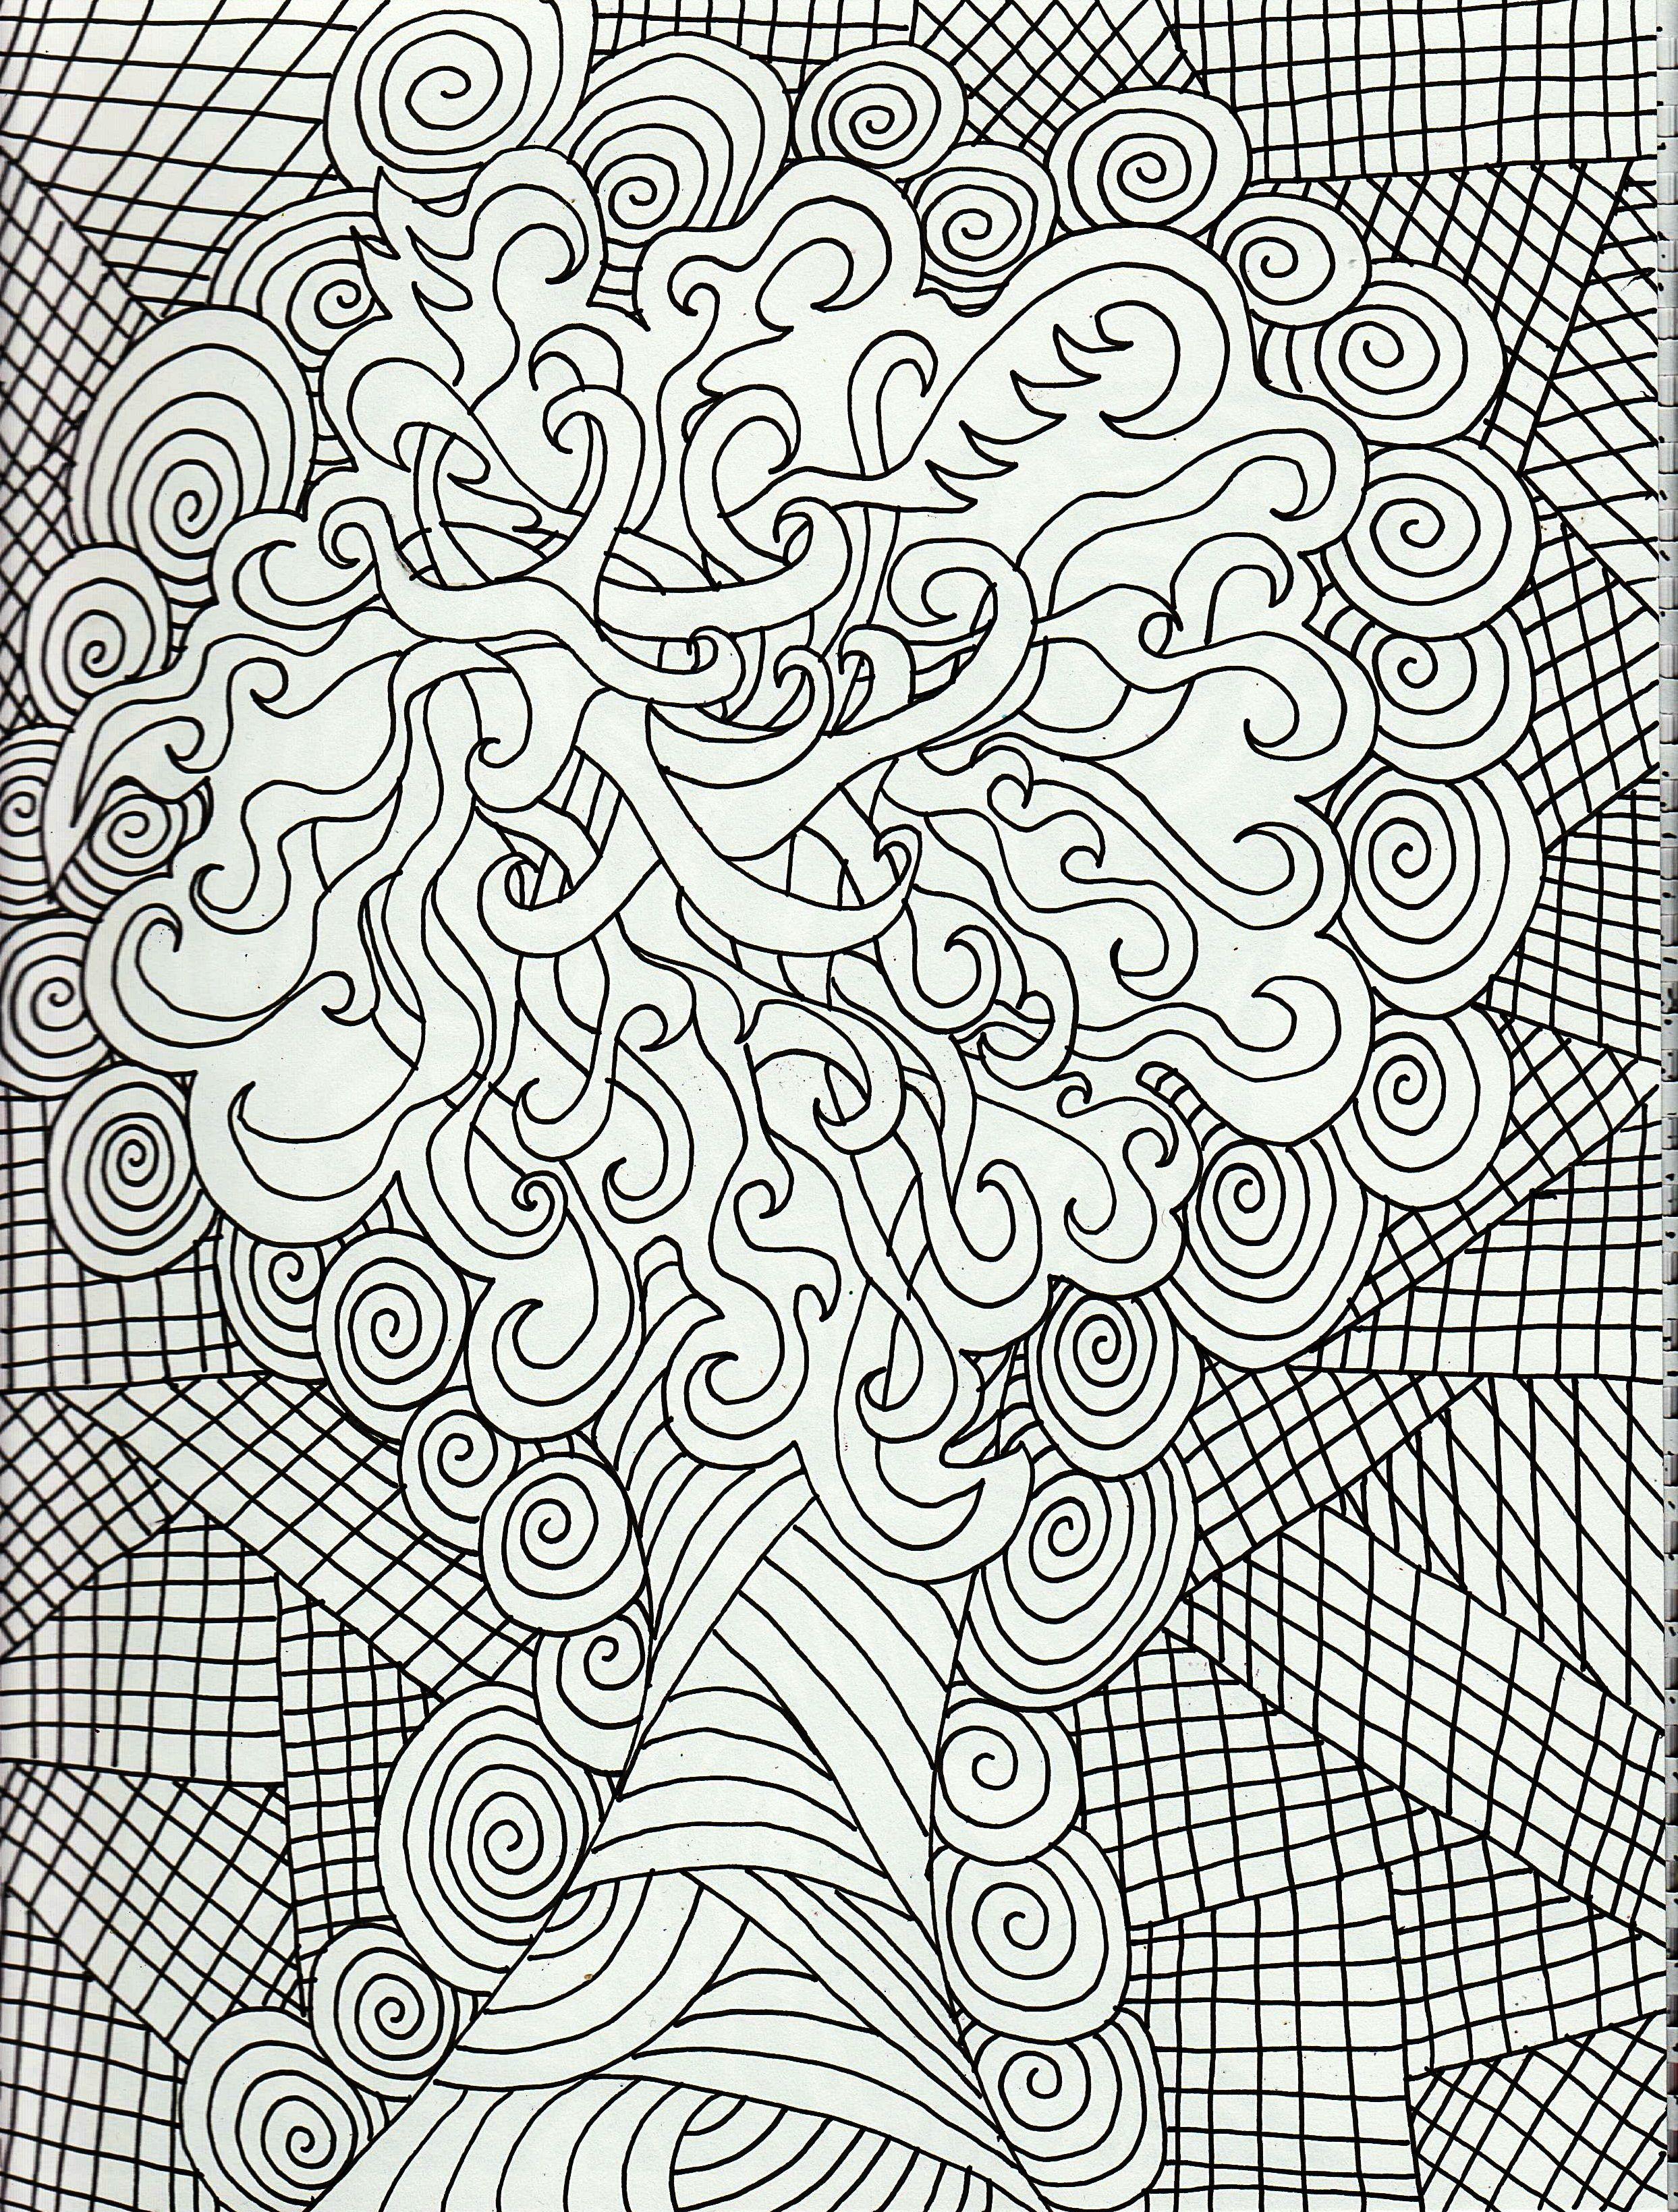 rihanna coloring page